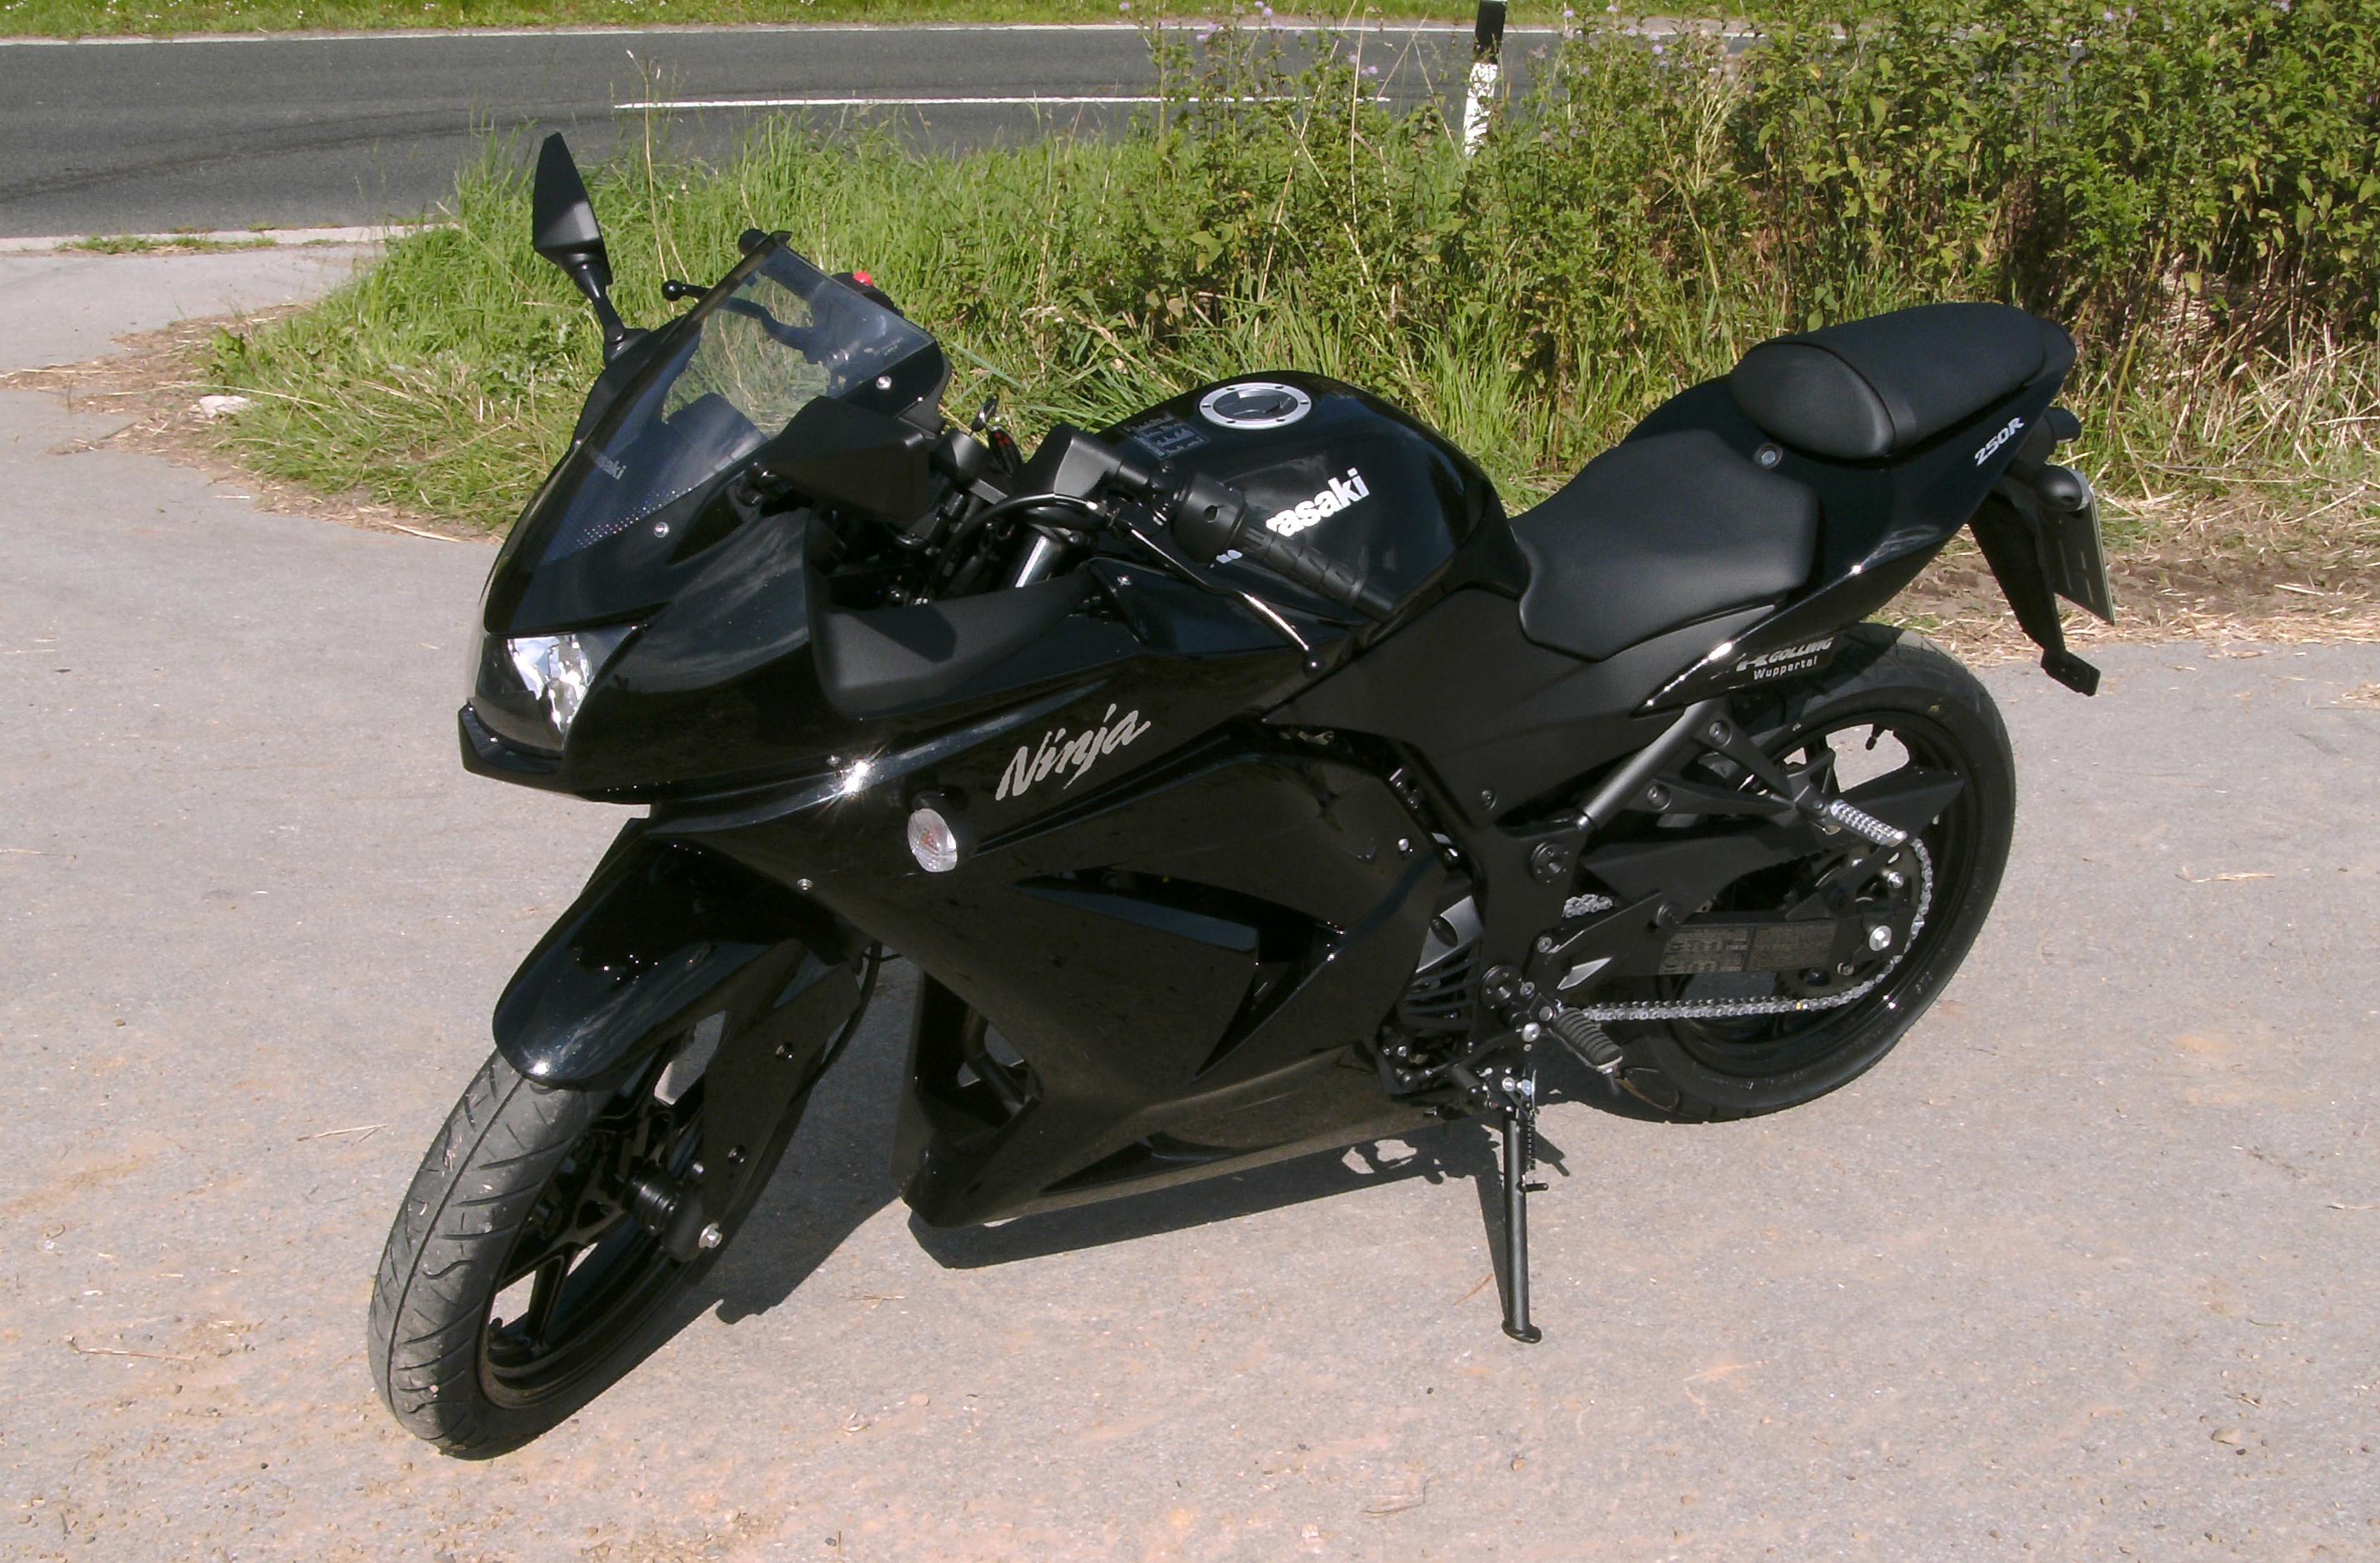 Kawasaki Ninja First Bike